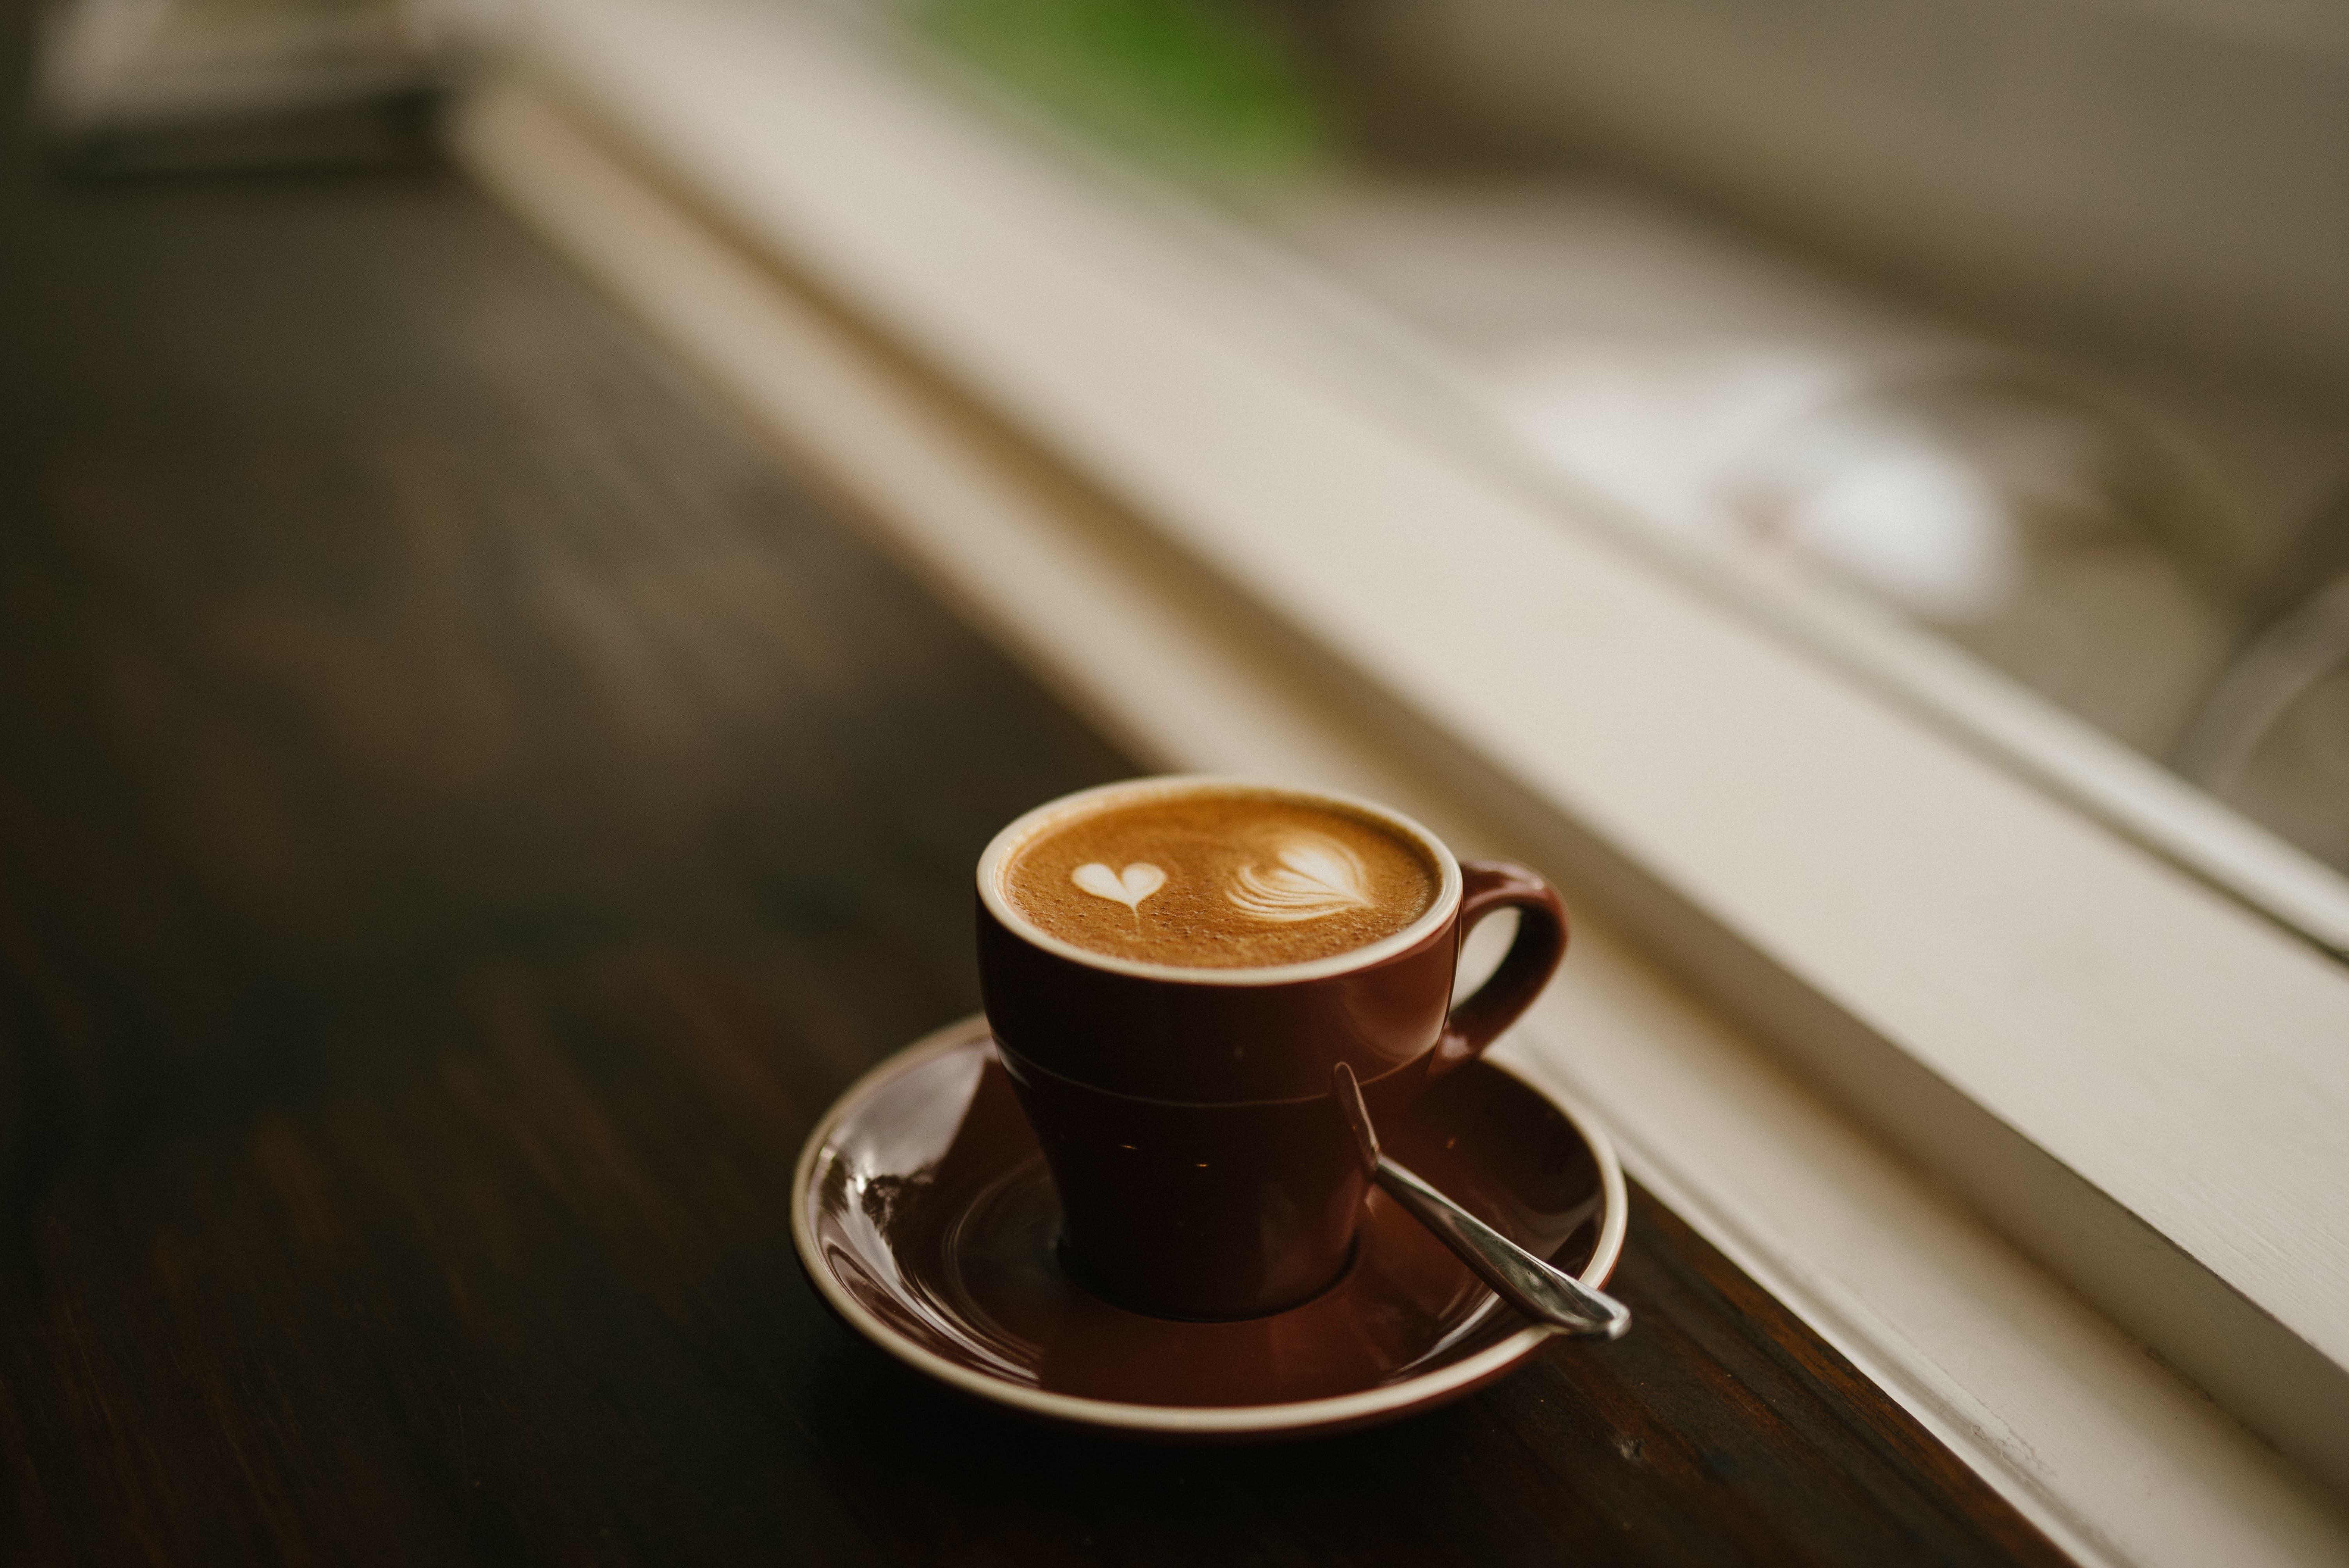 Kaffe mit Herzen auf dem Schaum